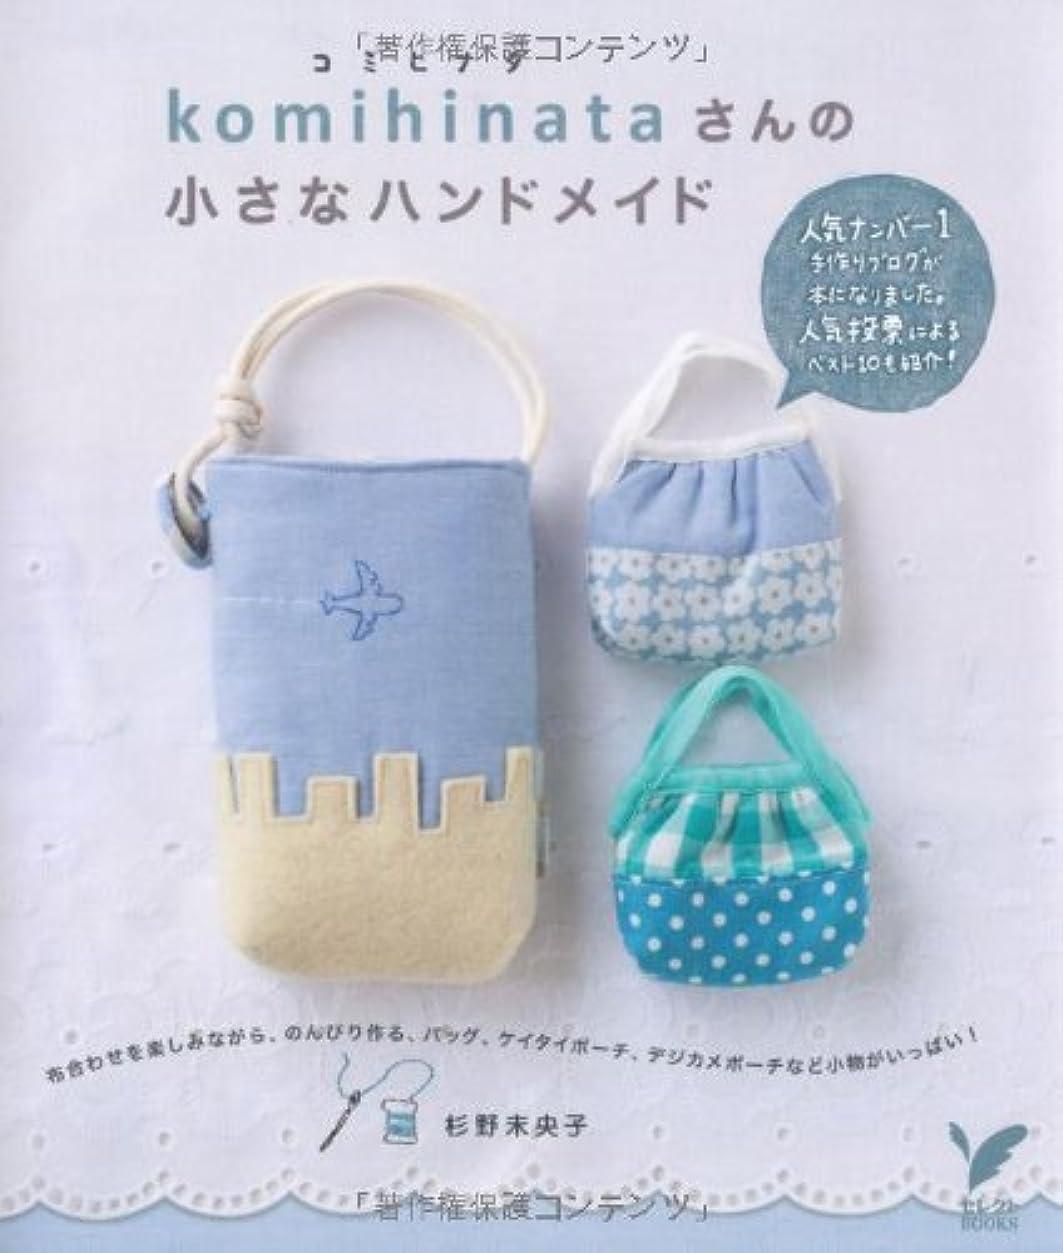 応じる舗装アルバニーkomihinataさんの小さなハンドメイド―人気ナンバー1手作りブログが本になりました。人気投票によるベスト10も紹介! (セレクトBOOKS)